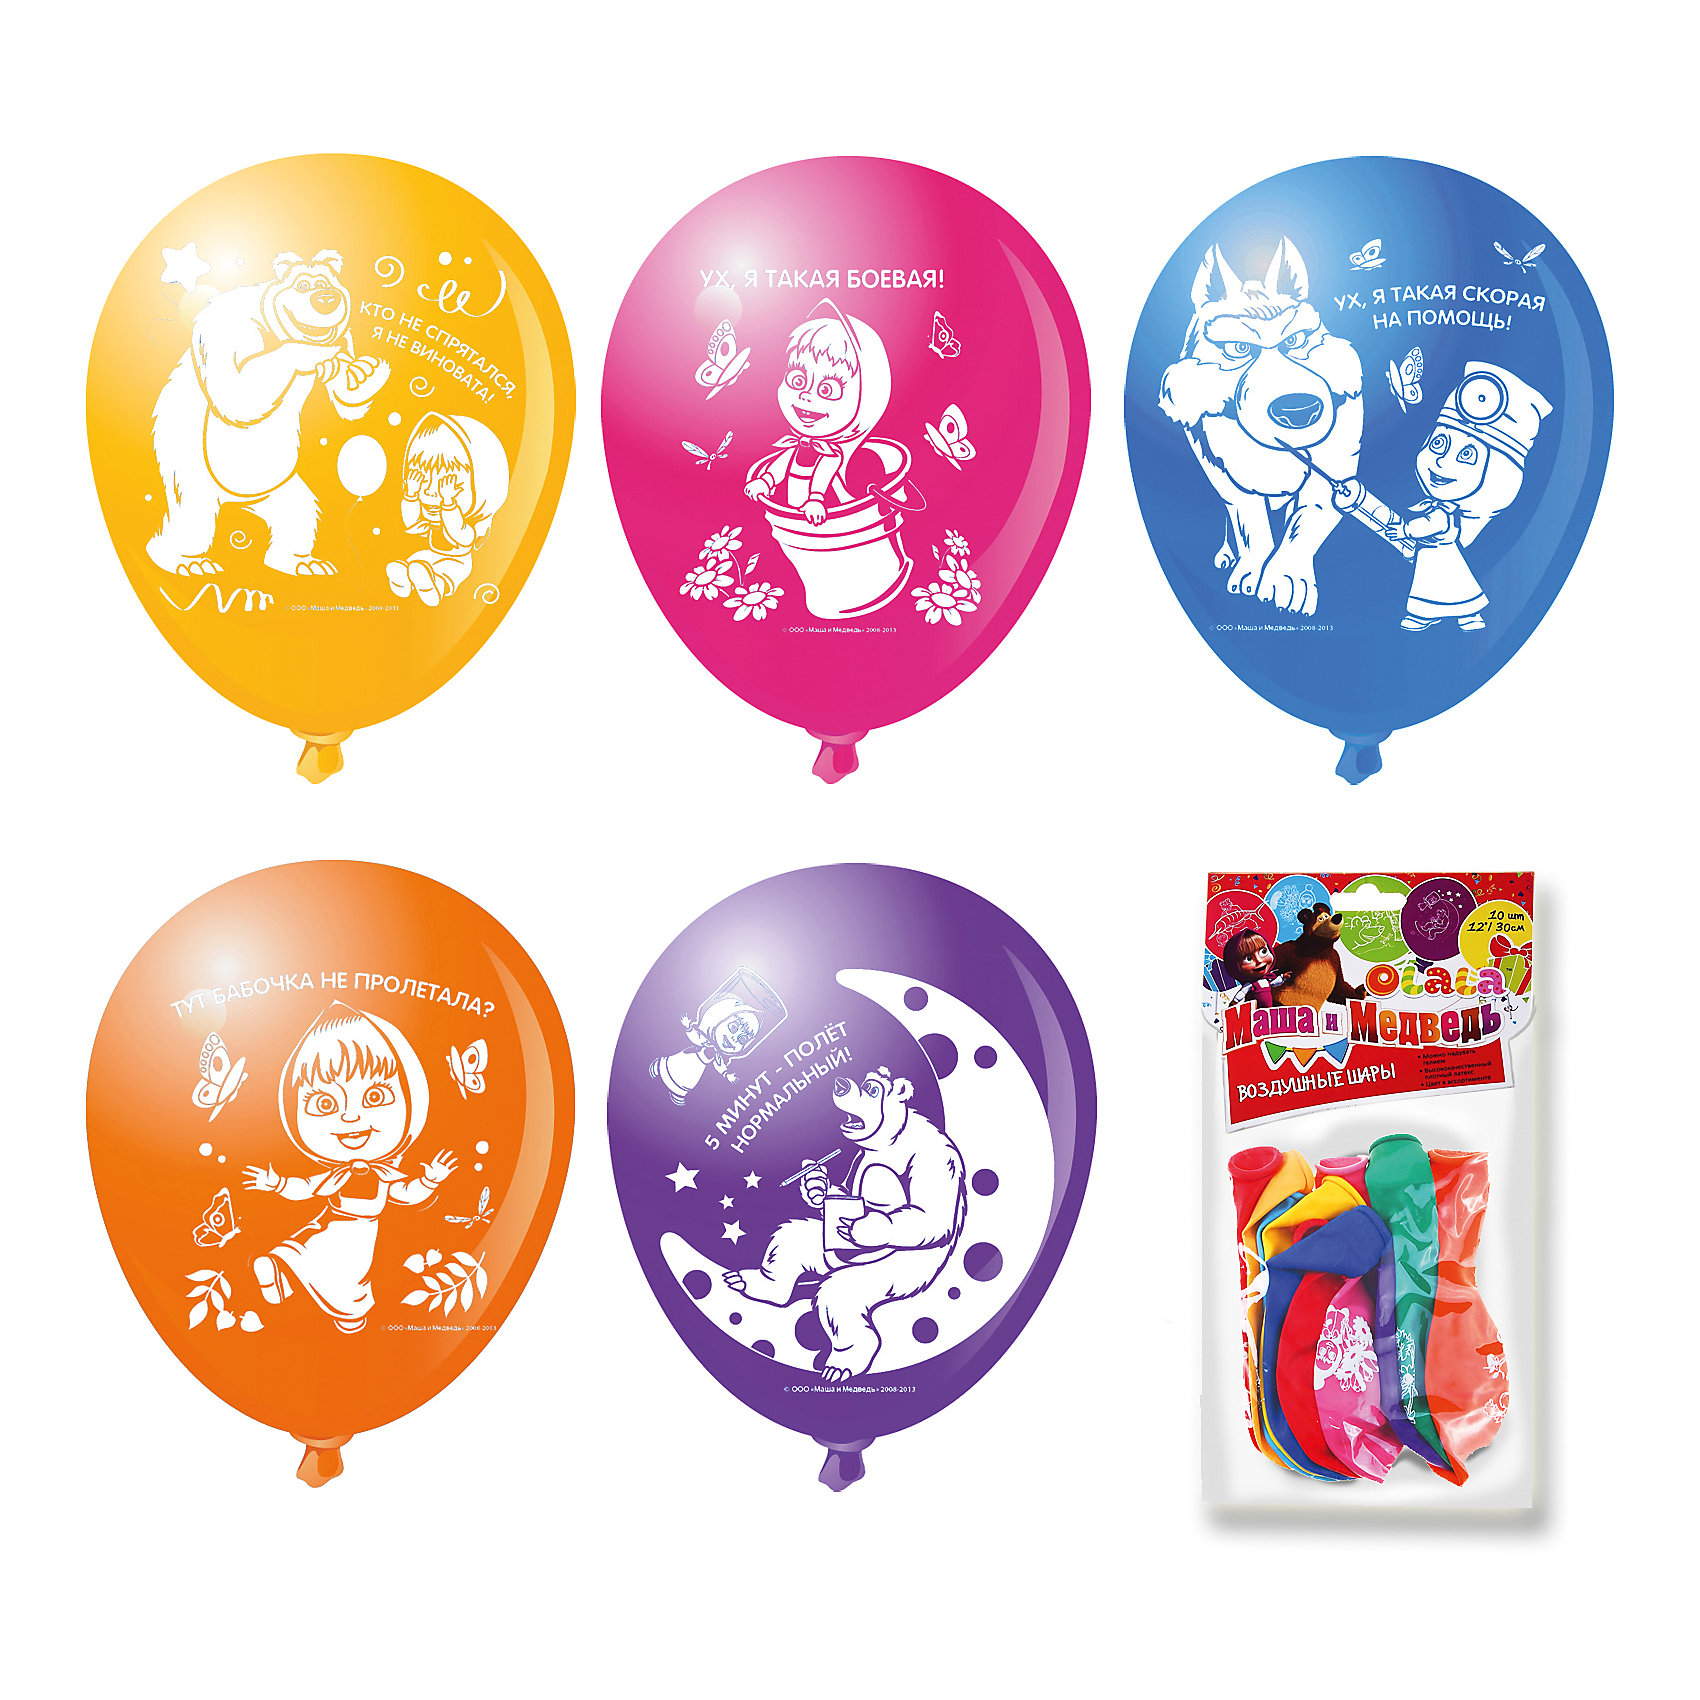 Набор шариков 10шт МАША И МЕДВЕДЬ 30смВсё для праздника<br>Цветные шары «Маша и Медведь» украсят любой праздник, подняв настроение всем – и детям, и взрослым. А надувание шаров еще и чрезвычайно полезно: такое упражнение развивает дыхательную систему, что благотворно влияет на работу всего организма. &#13;<br>&#13;<br>В наборе  10 цветных латексных шаров диаметром 12/30 см c односторонней печатью. В ассортименте 7 дизайнов. Упаковка – пакет с хедером.<br><br>Ширина мм: 225<br>Глубина мм: 150<br>Высота мм: 10<br>Вес г: 49<br>Возраст от месяцев: 36<br>Возраст до месяцев: 120<br>Пол: Унисекс<br>Возраст: Детский<br>SKU: 5016489